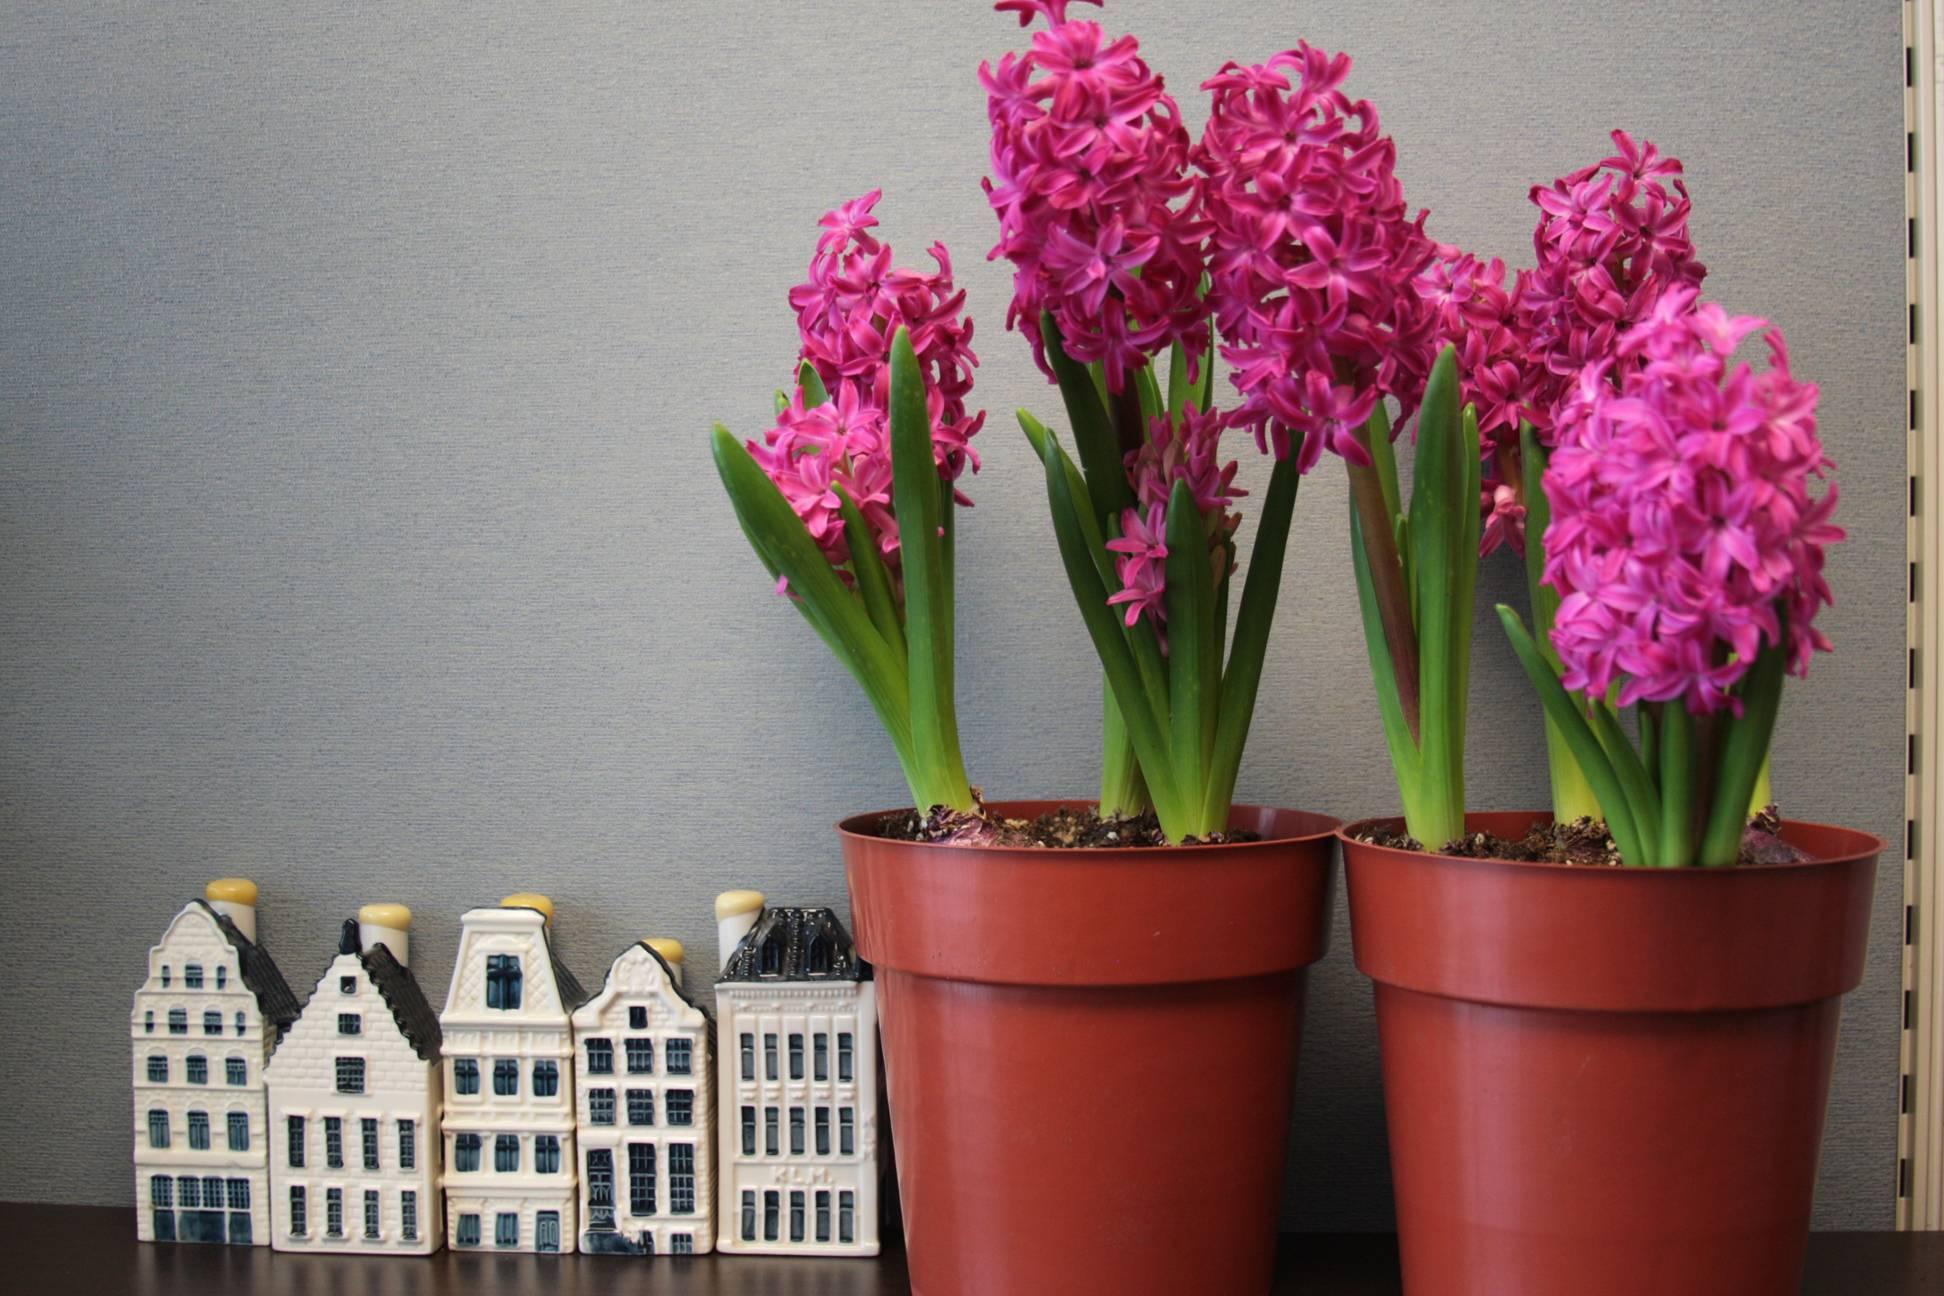 Гиацинт - уход в домашних условиях и правила выгонки в 9 вопросах и ответах